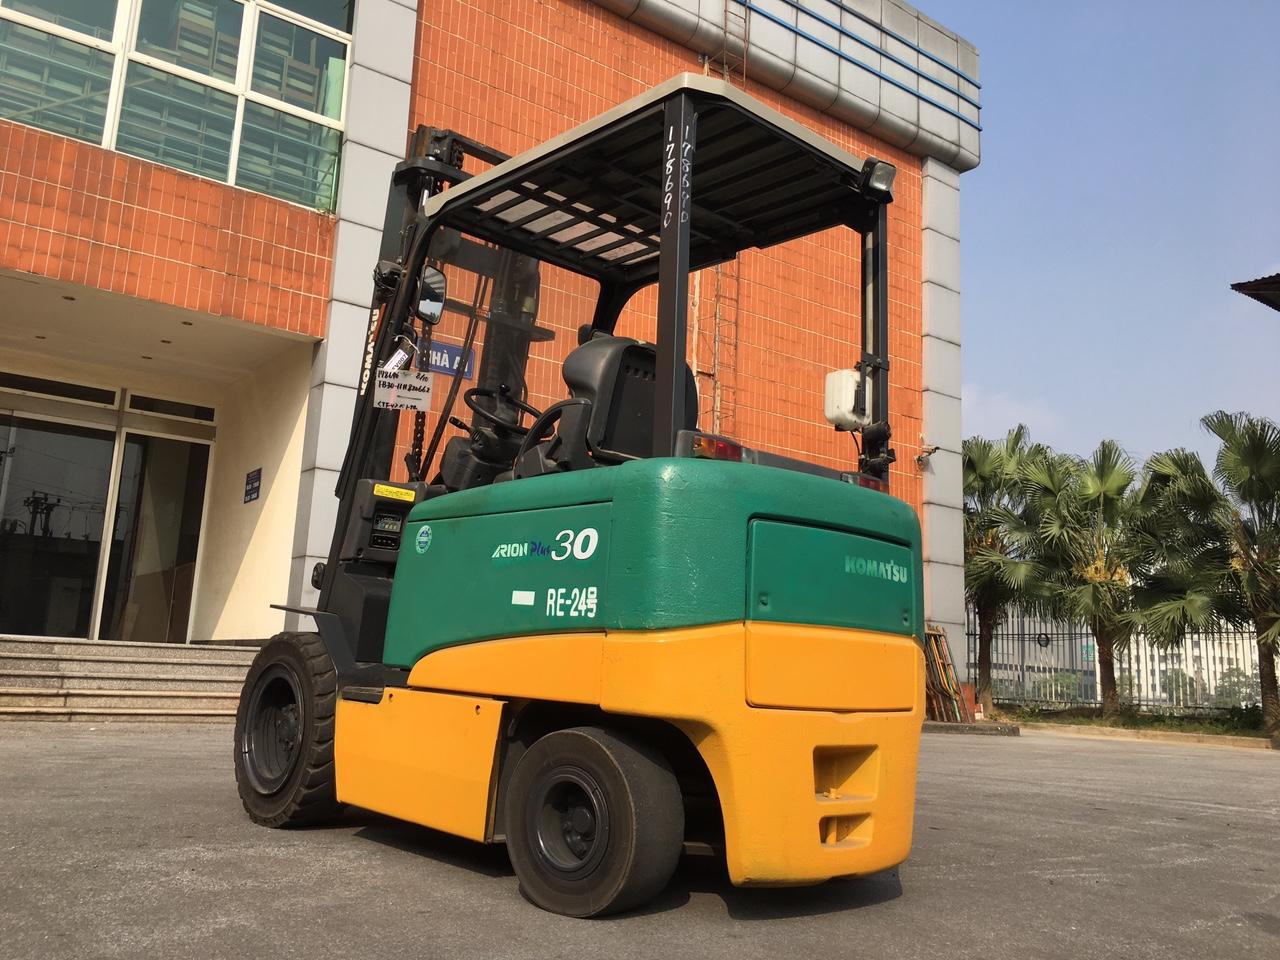 Xe nâng cũ cung cấp bởi TFV Industries